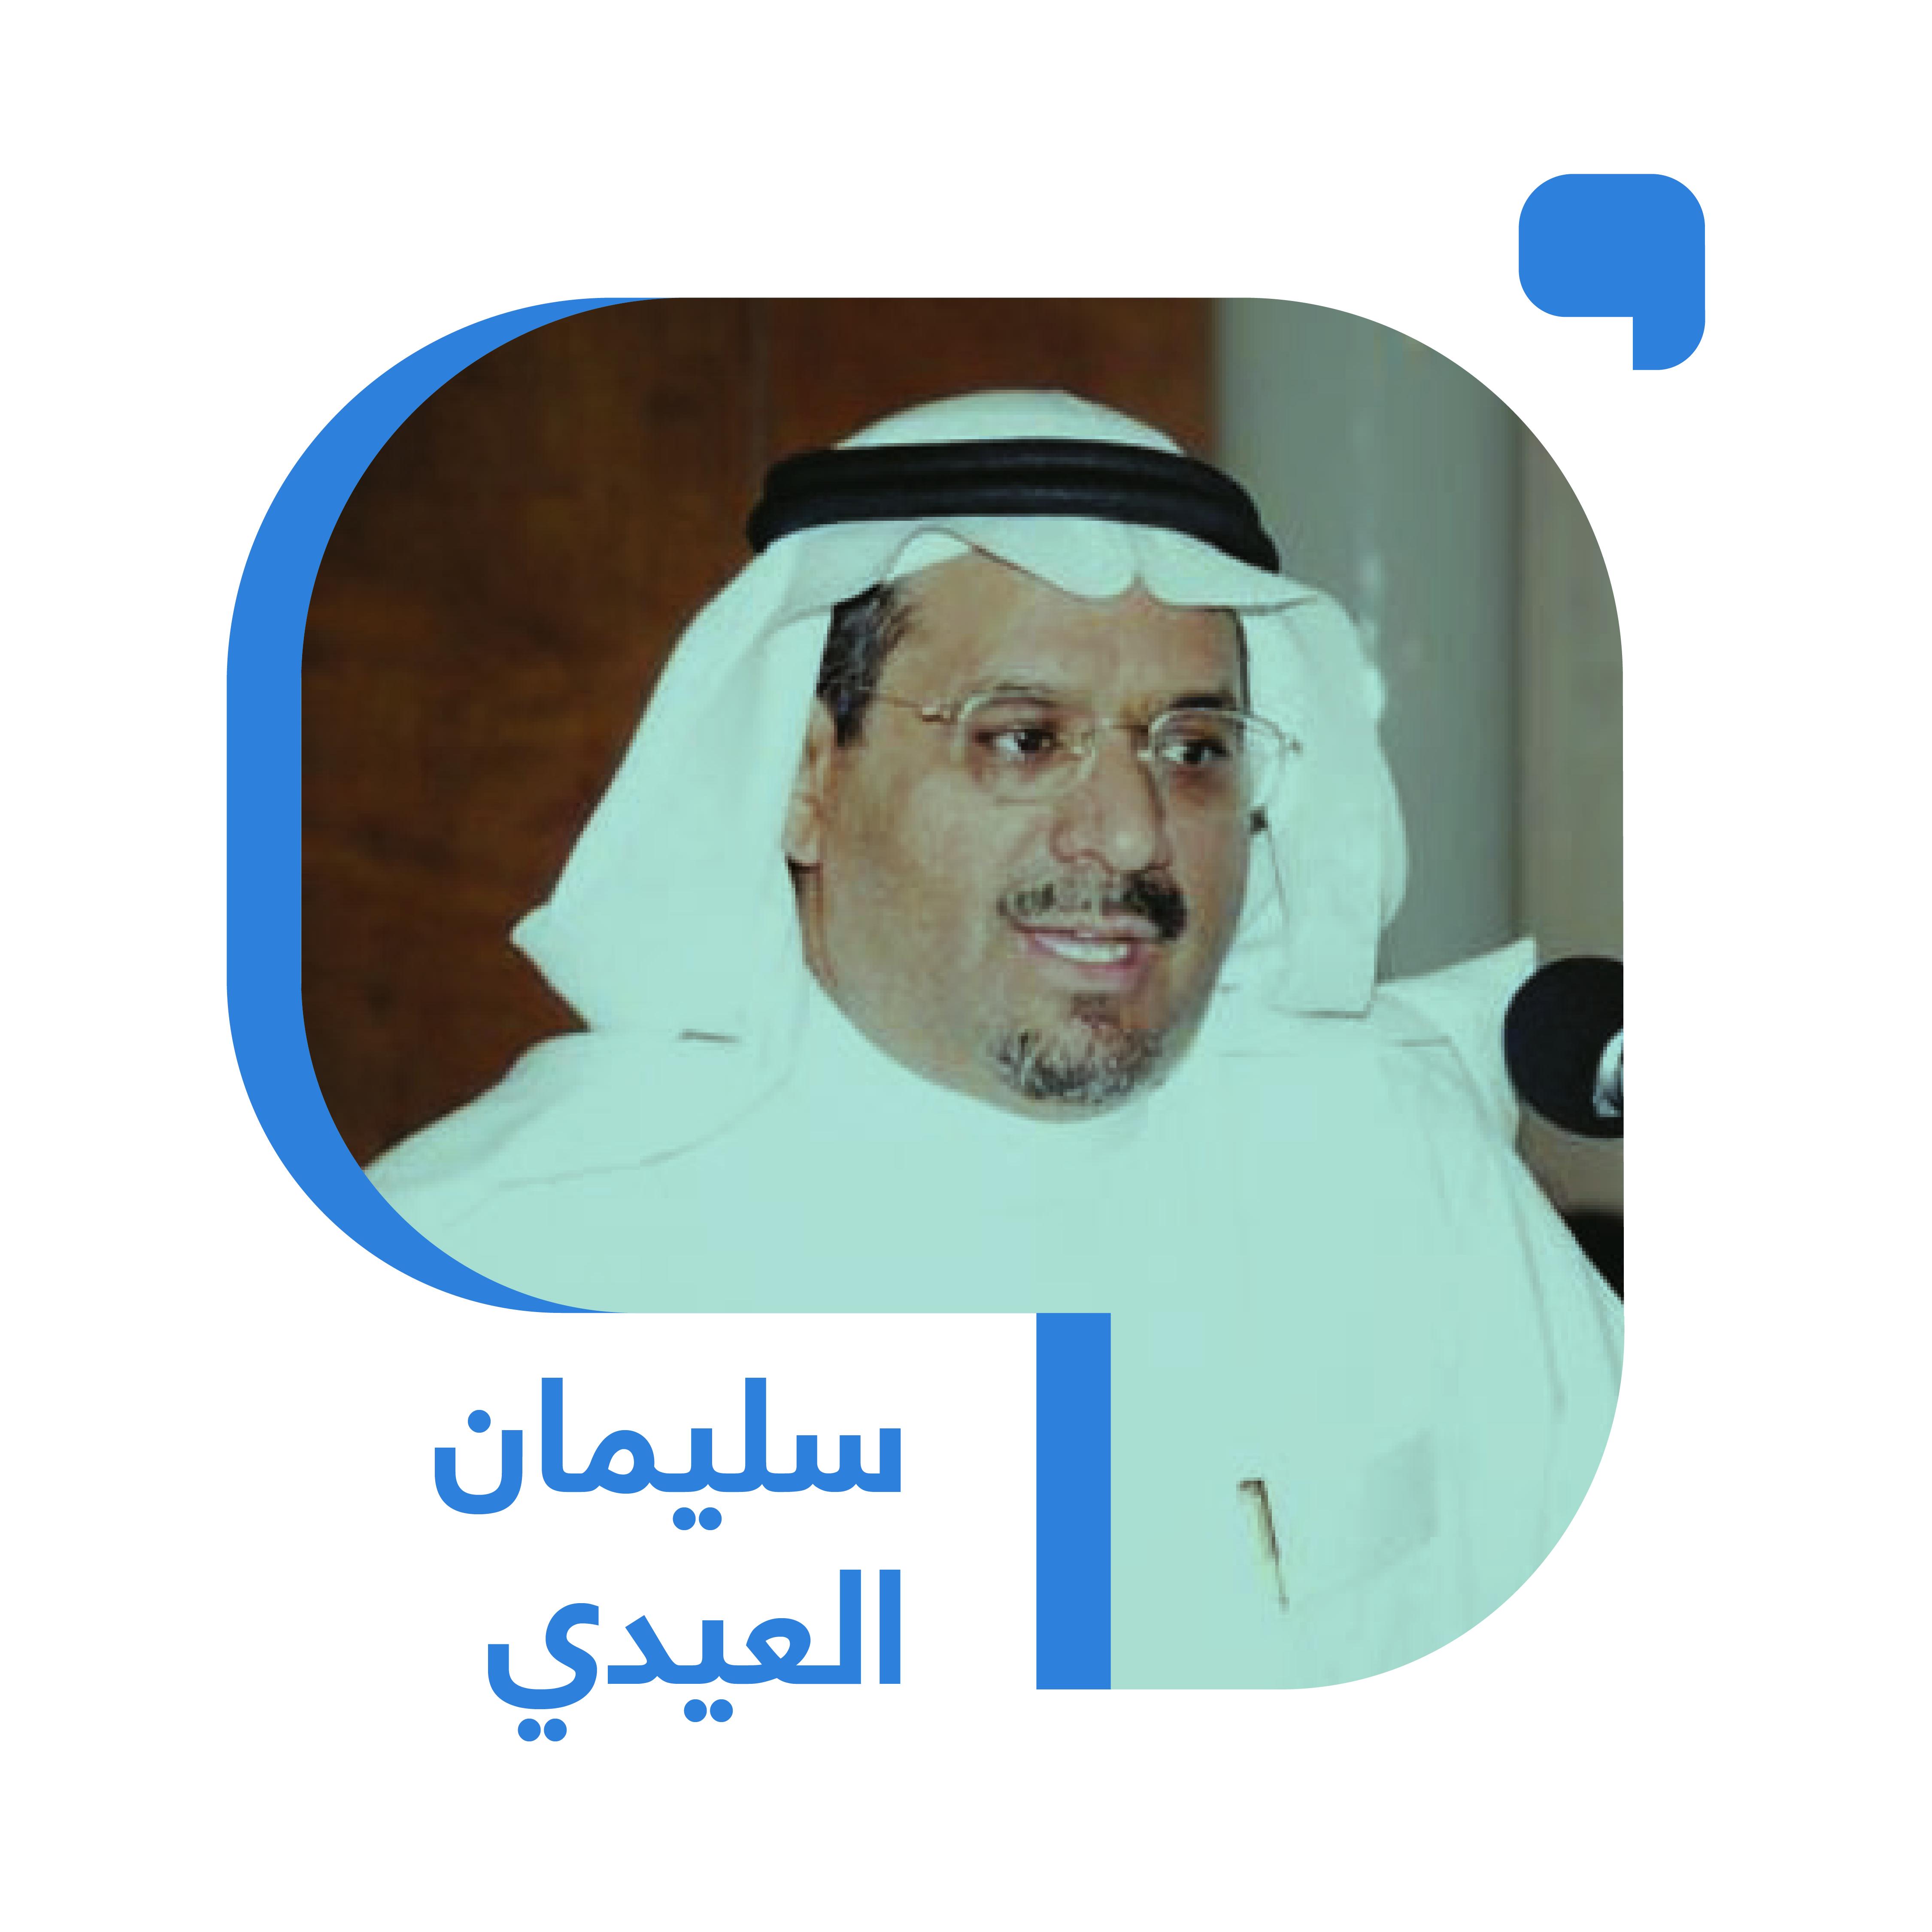 جامعة الملك فيصل بالأحساء والشراكات الوطنية - جريدة الوطن